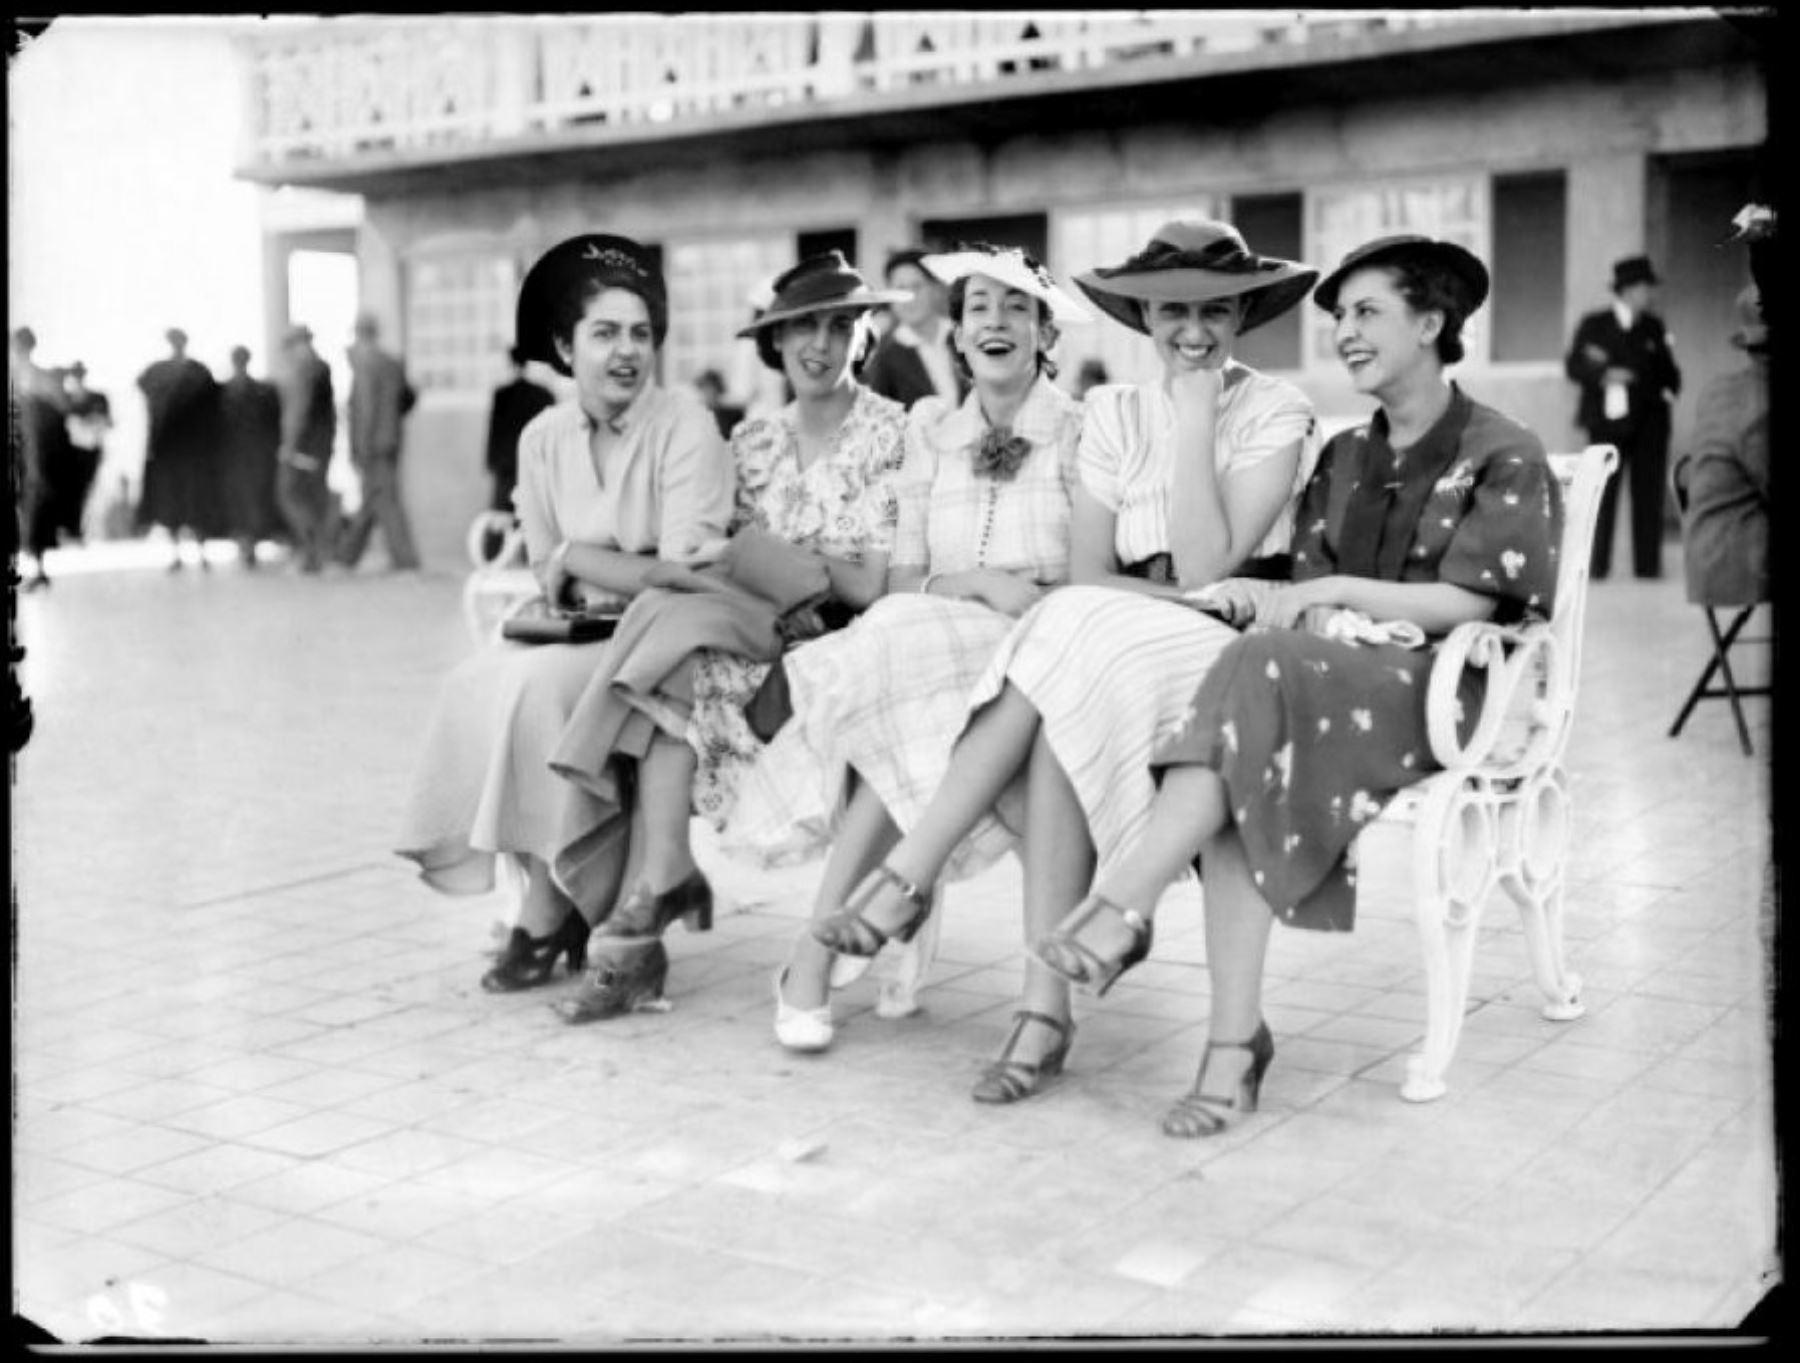 Imagen de inicios del siglo XX en el hipódromo de Arequipa perteneciente a la muestra Archivo M. J. Glave & V. Alcázar.